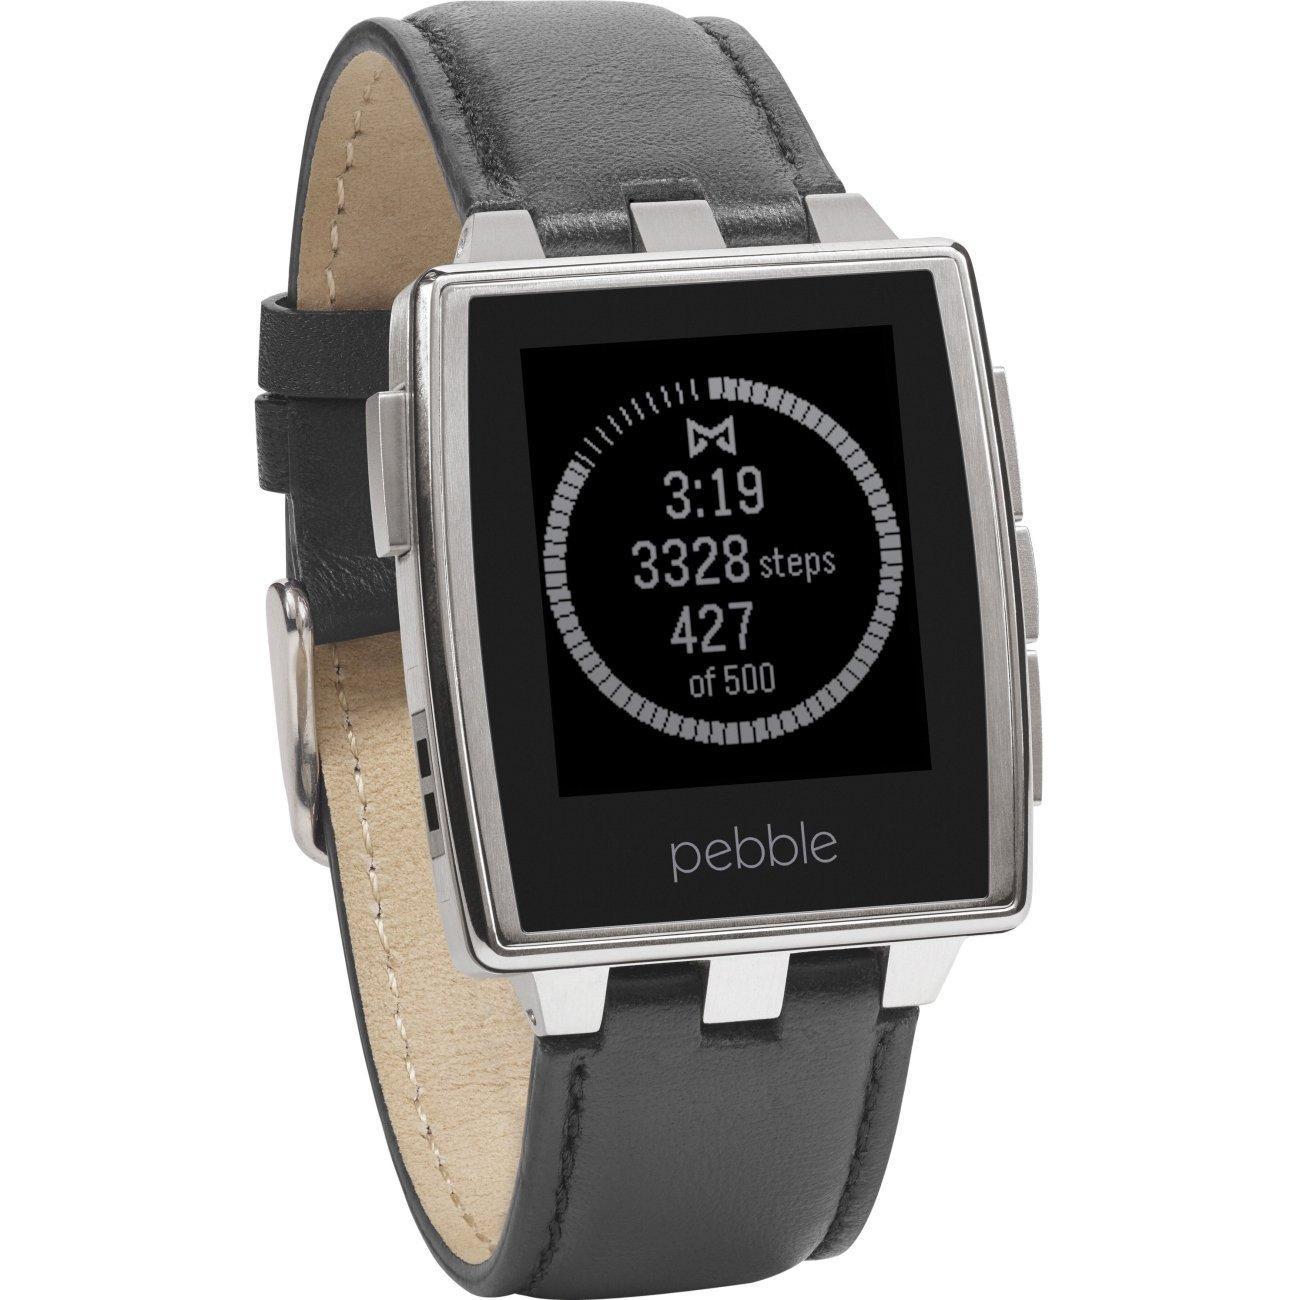 Sélection de montres connectées Pebble - Ex Montre Pebble Steel